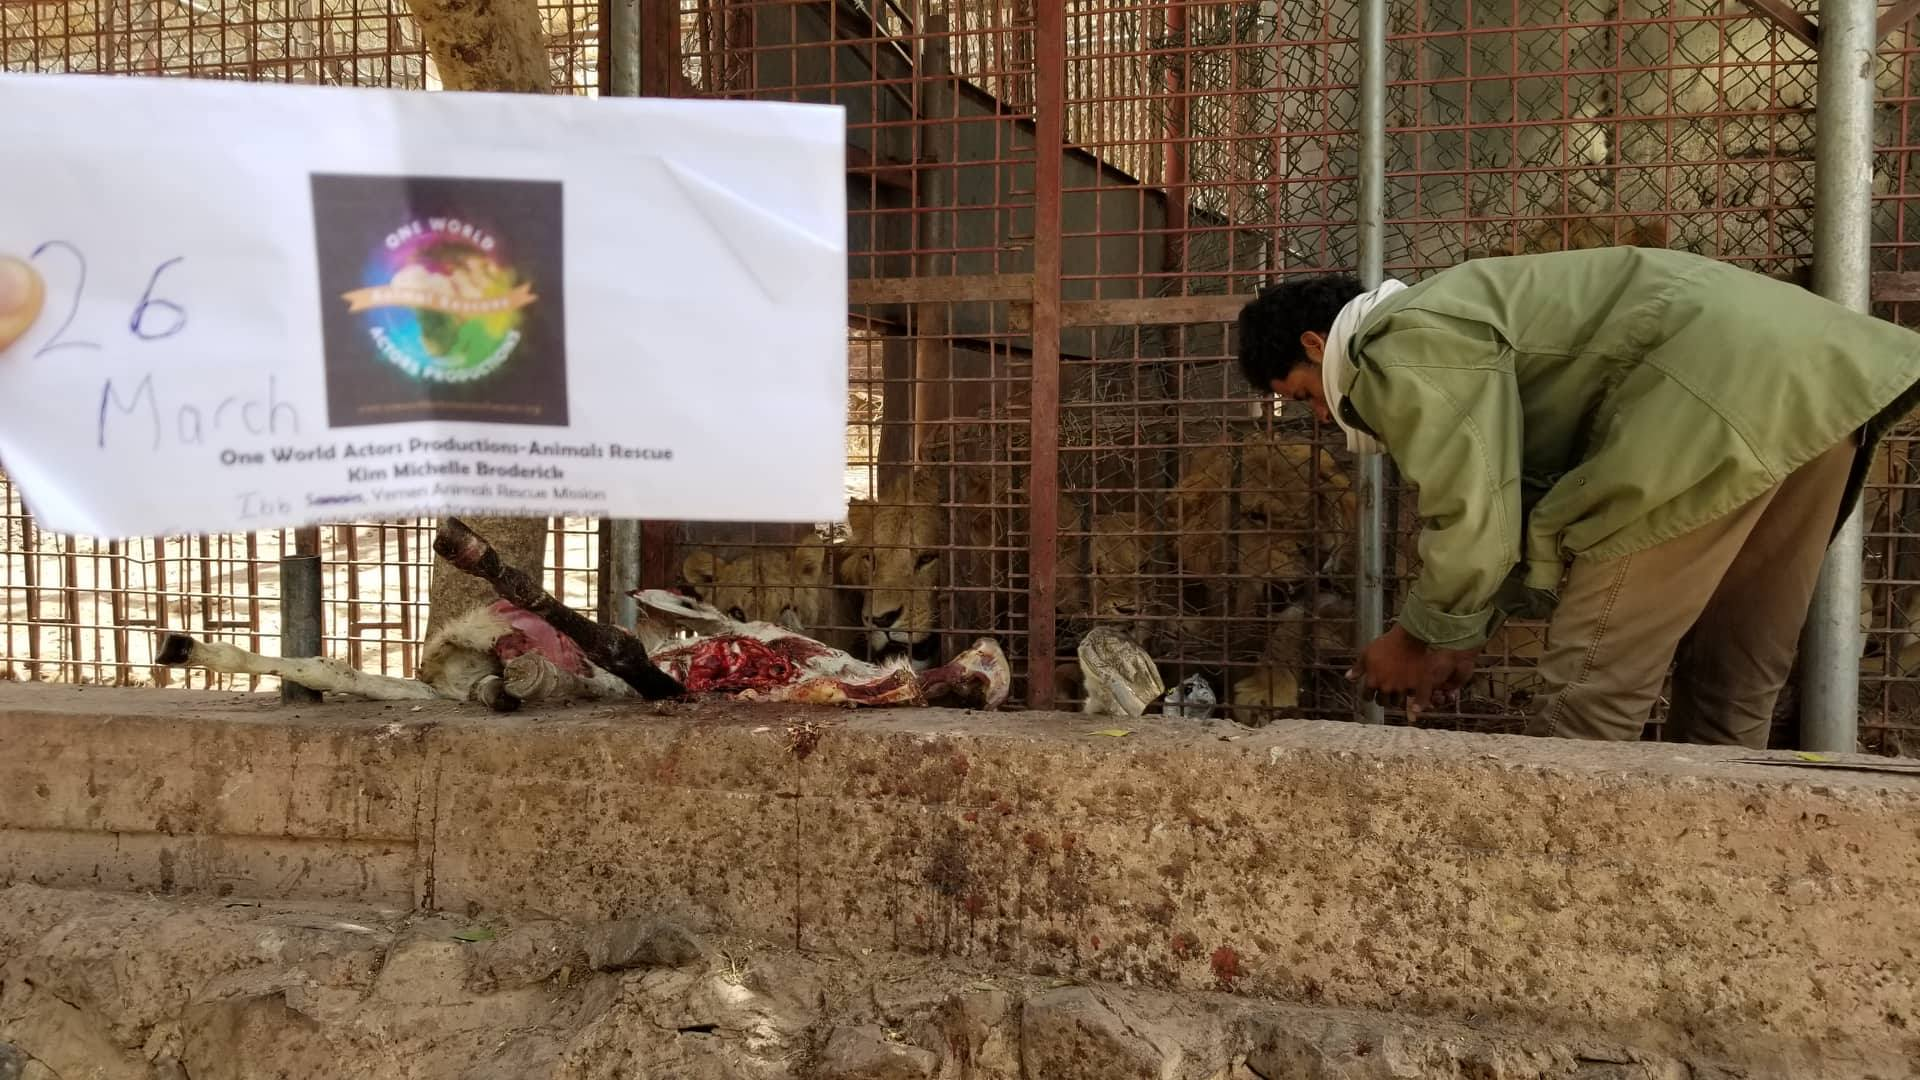 ibb zoo feed OWAPAR providing  26 march 2019 with abdulrazak yemen rescue Hisham visit delivery 11 donkeys.jpg